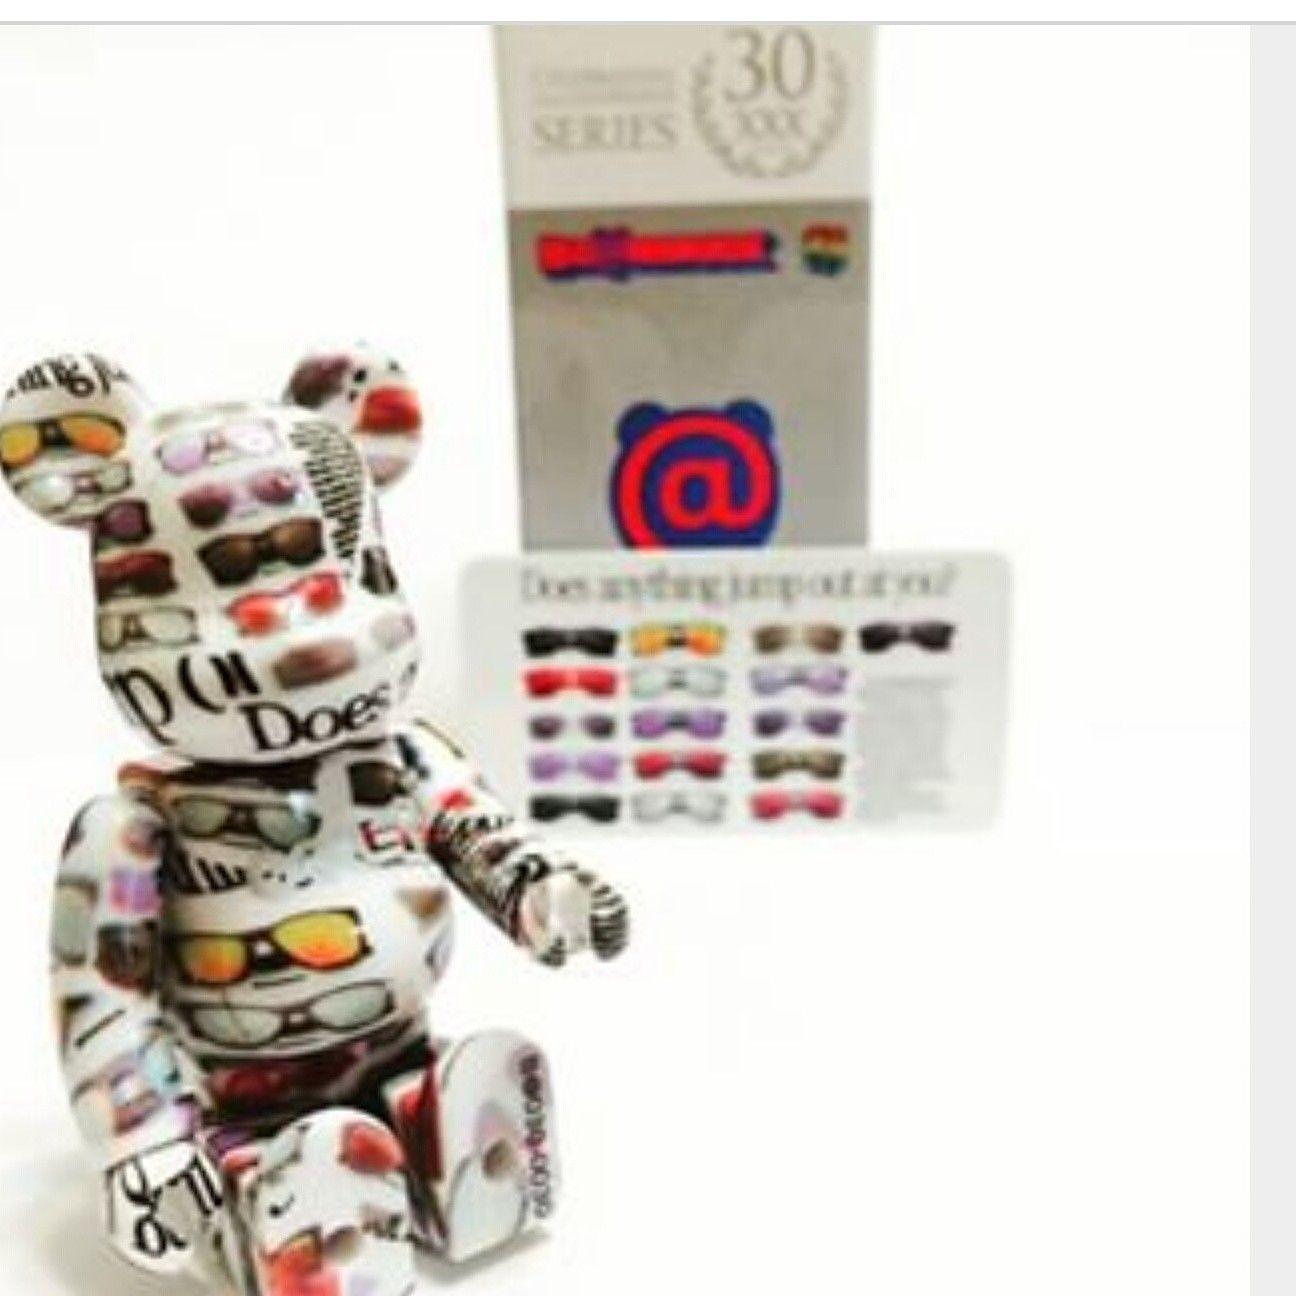 New Oakley Bearbrick - IMG_20160215_163113.jpg